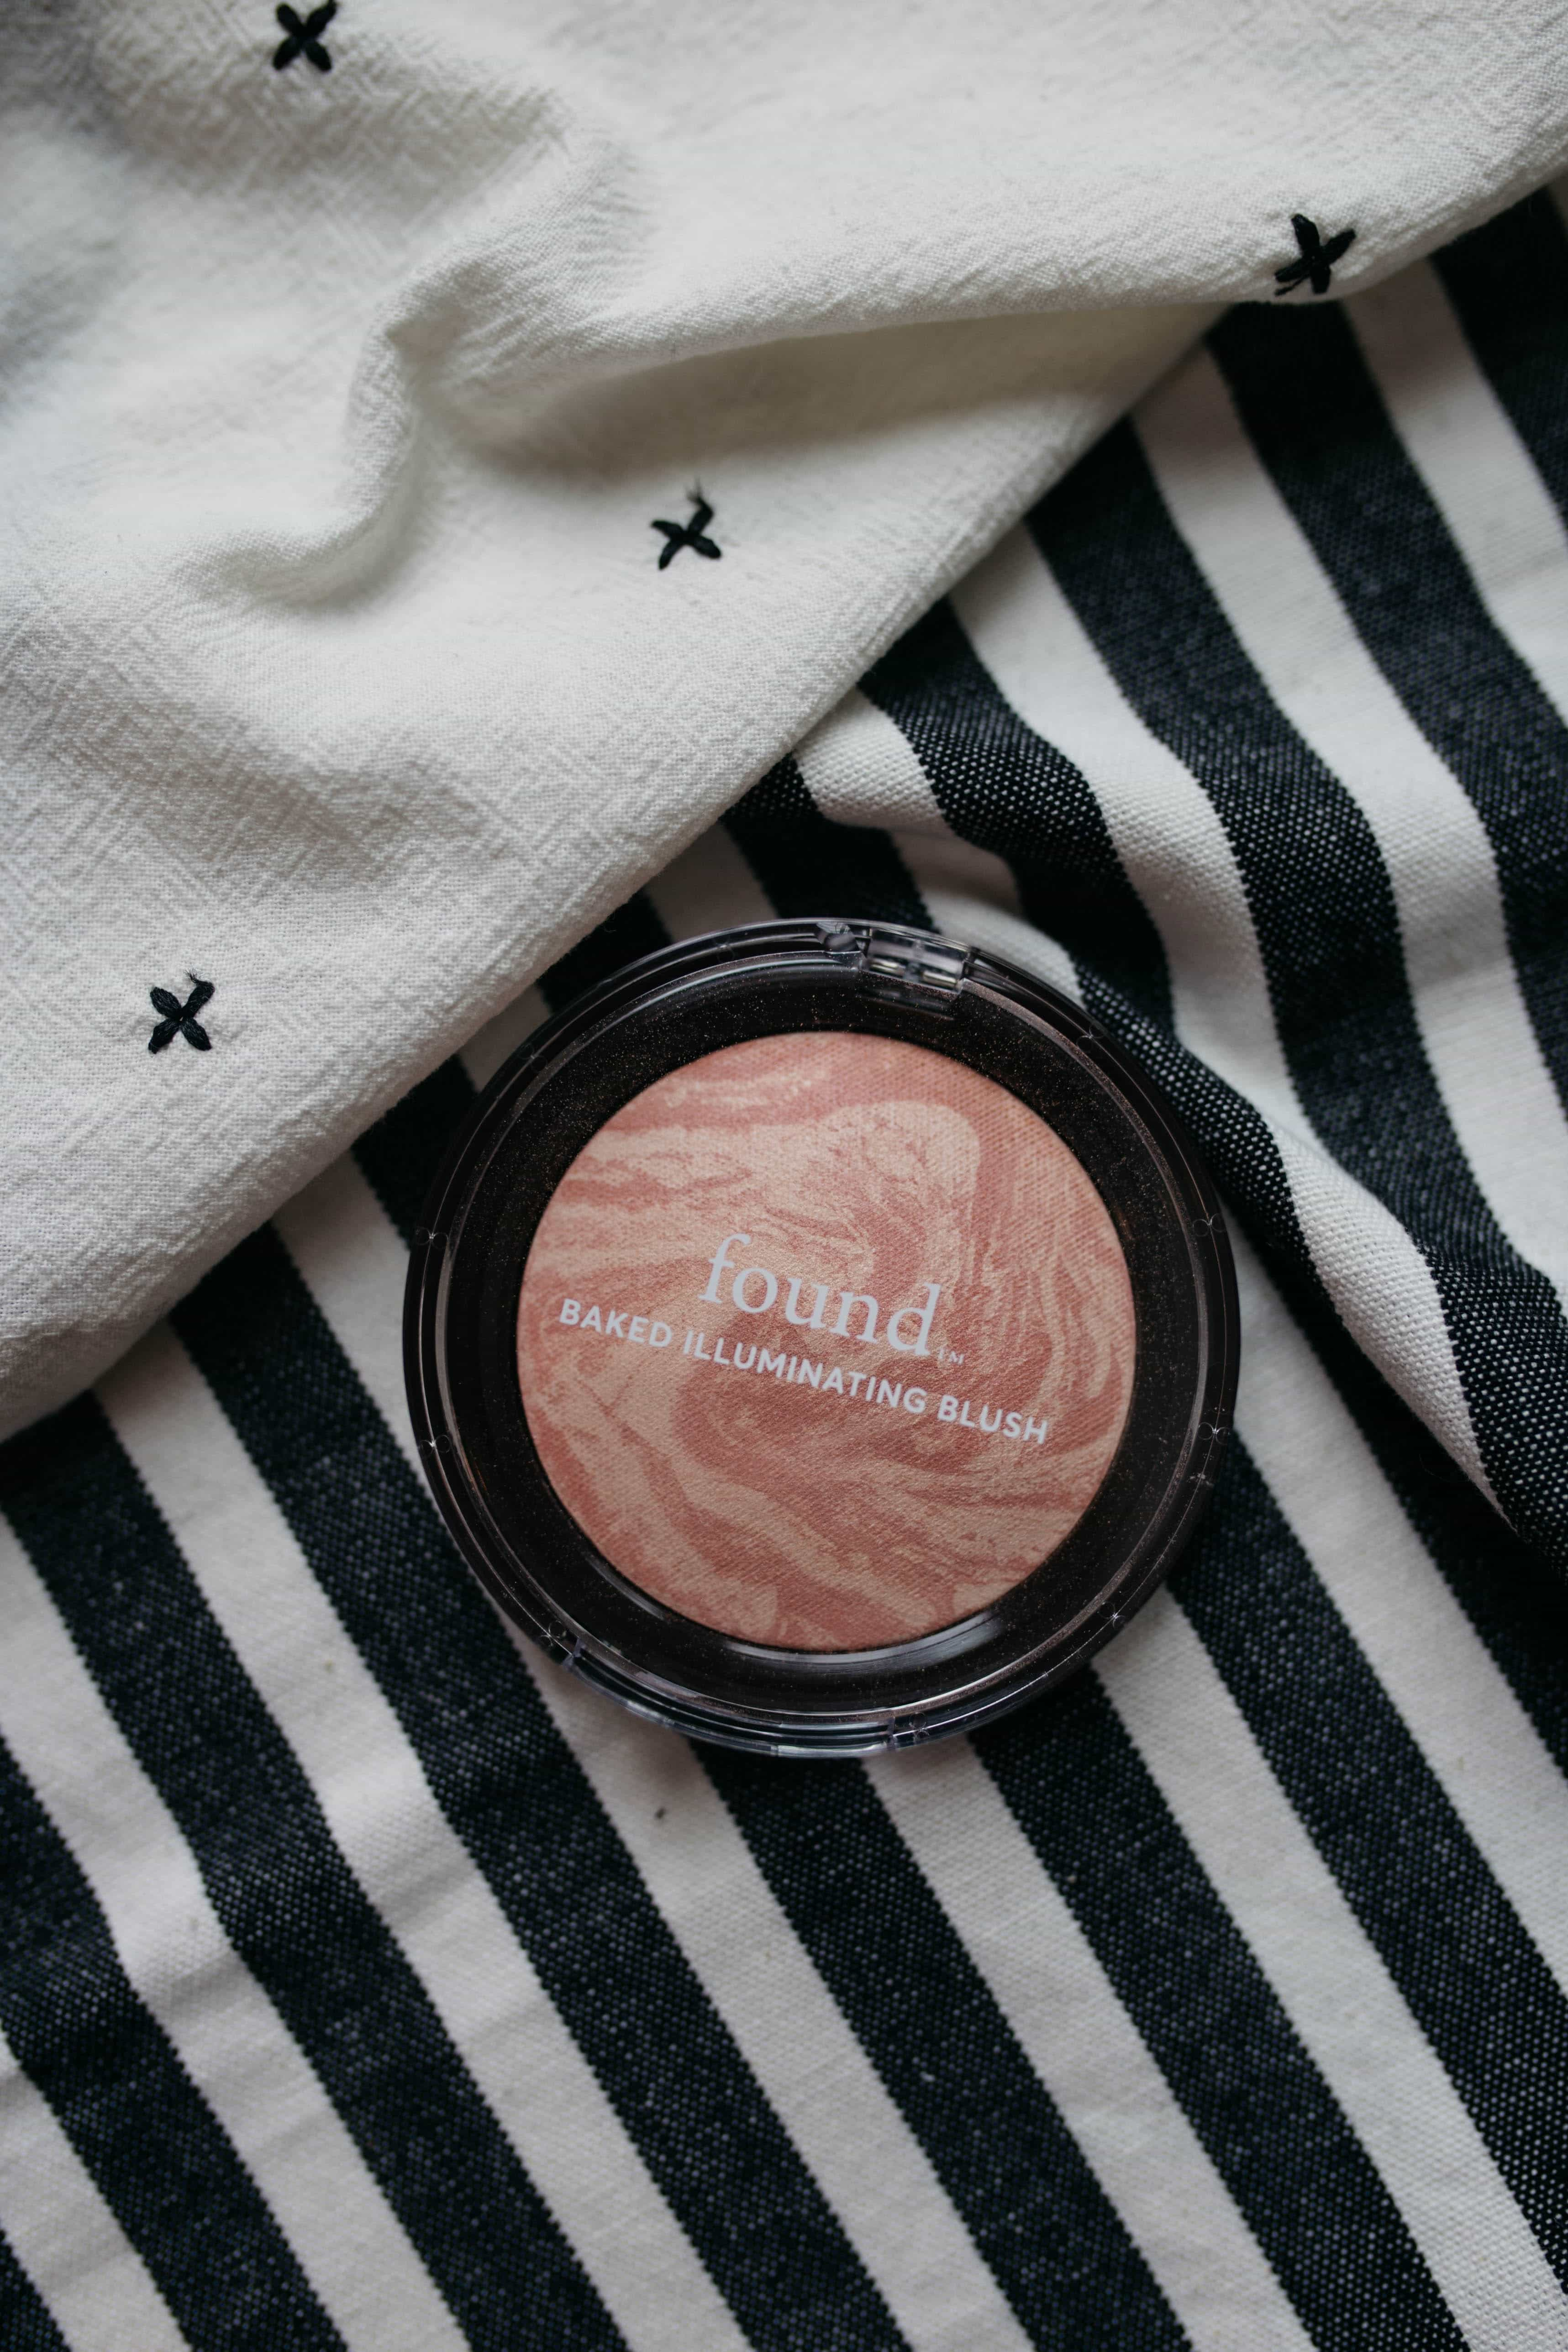 found blush